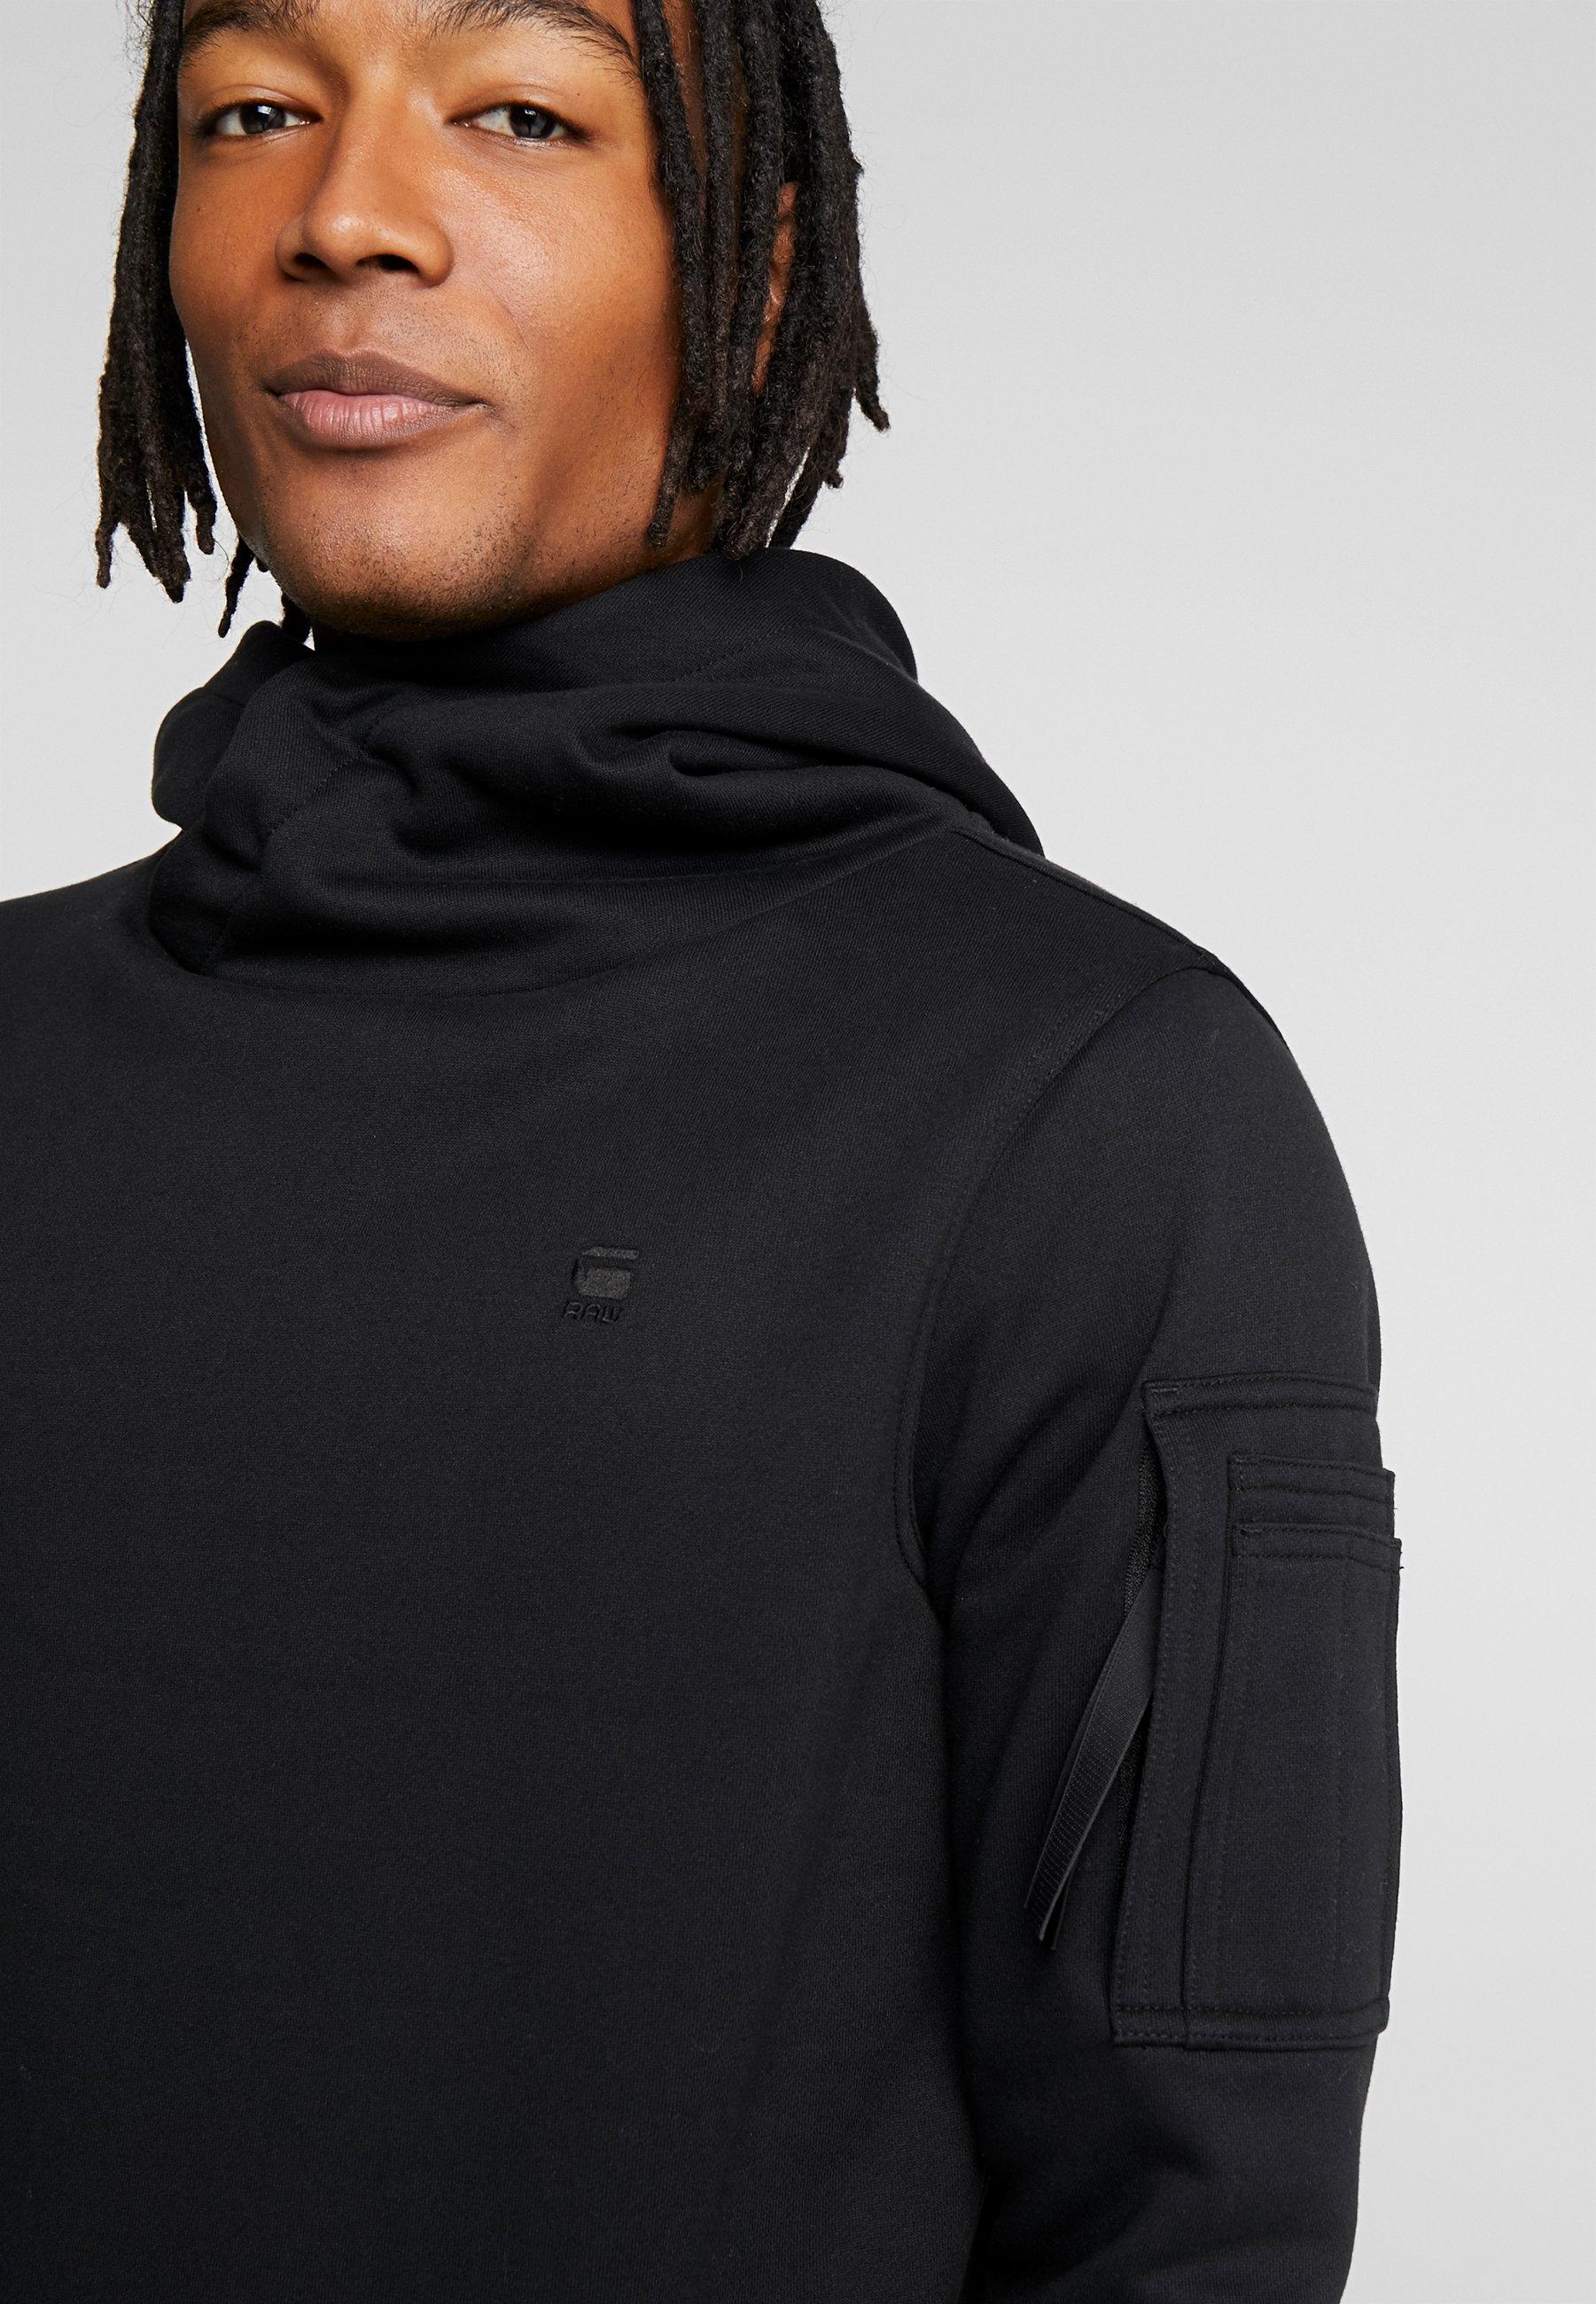 G-Star NEW AERO - Bluza z kapturem - dark black